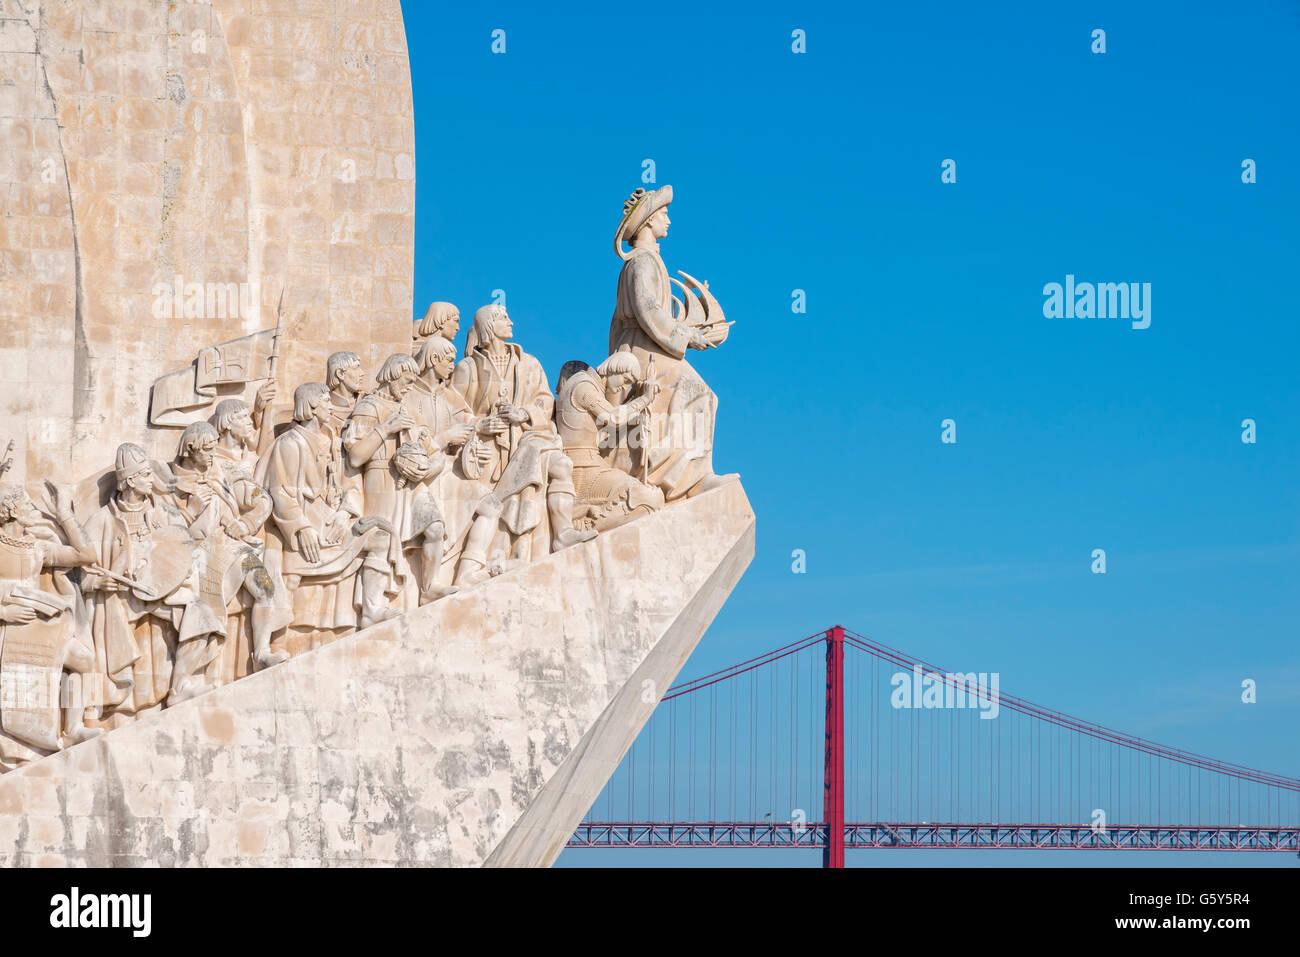 Padrão dos Descobrimentos (Monument to the Discoveries), Belem, Lisbon, Portugal - Stock Image